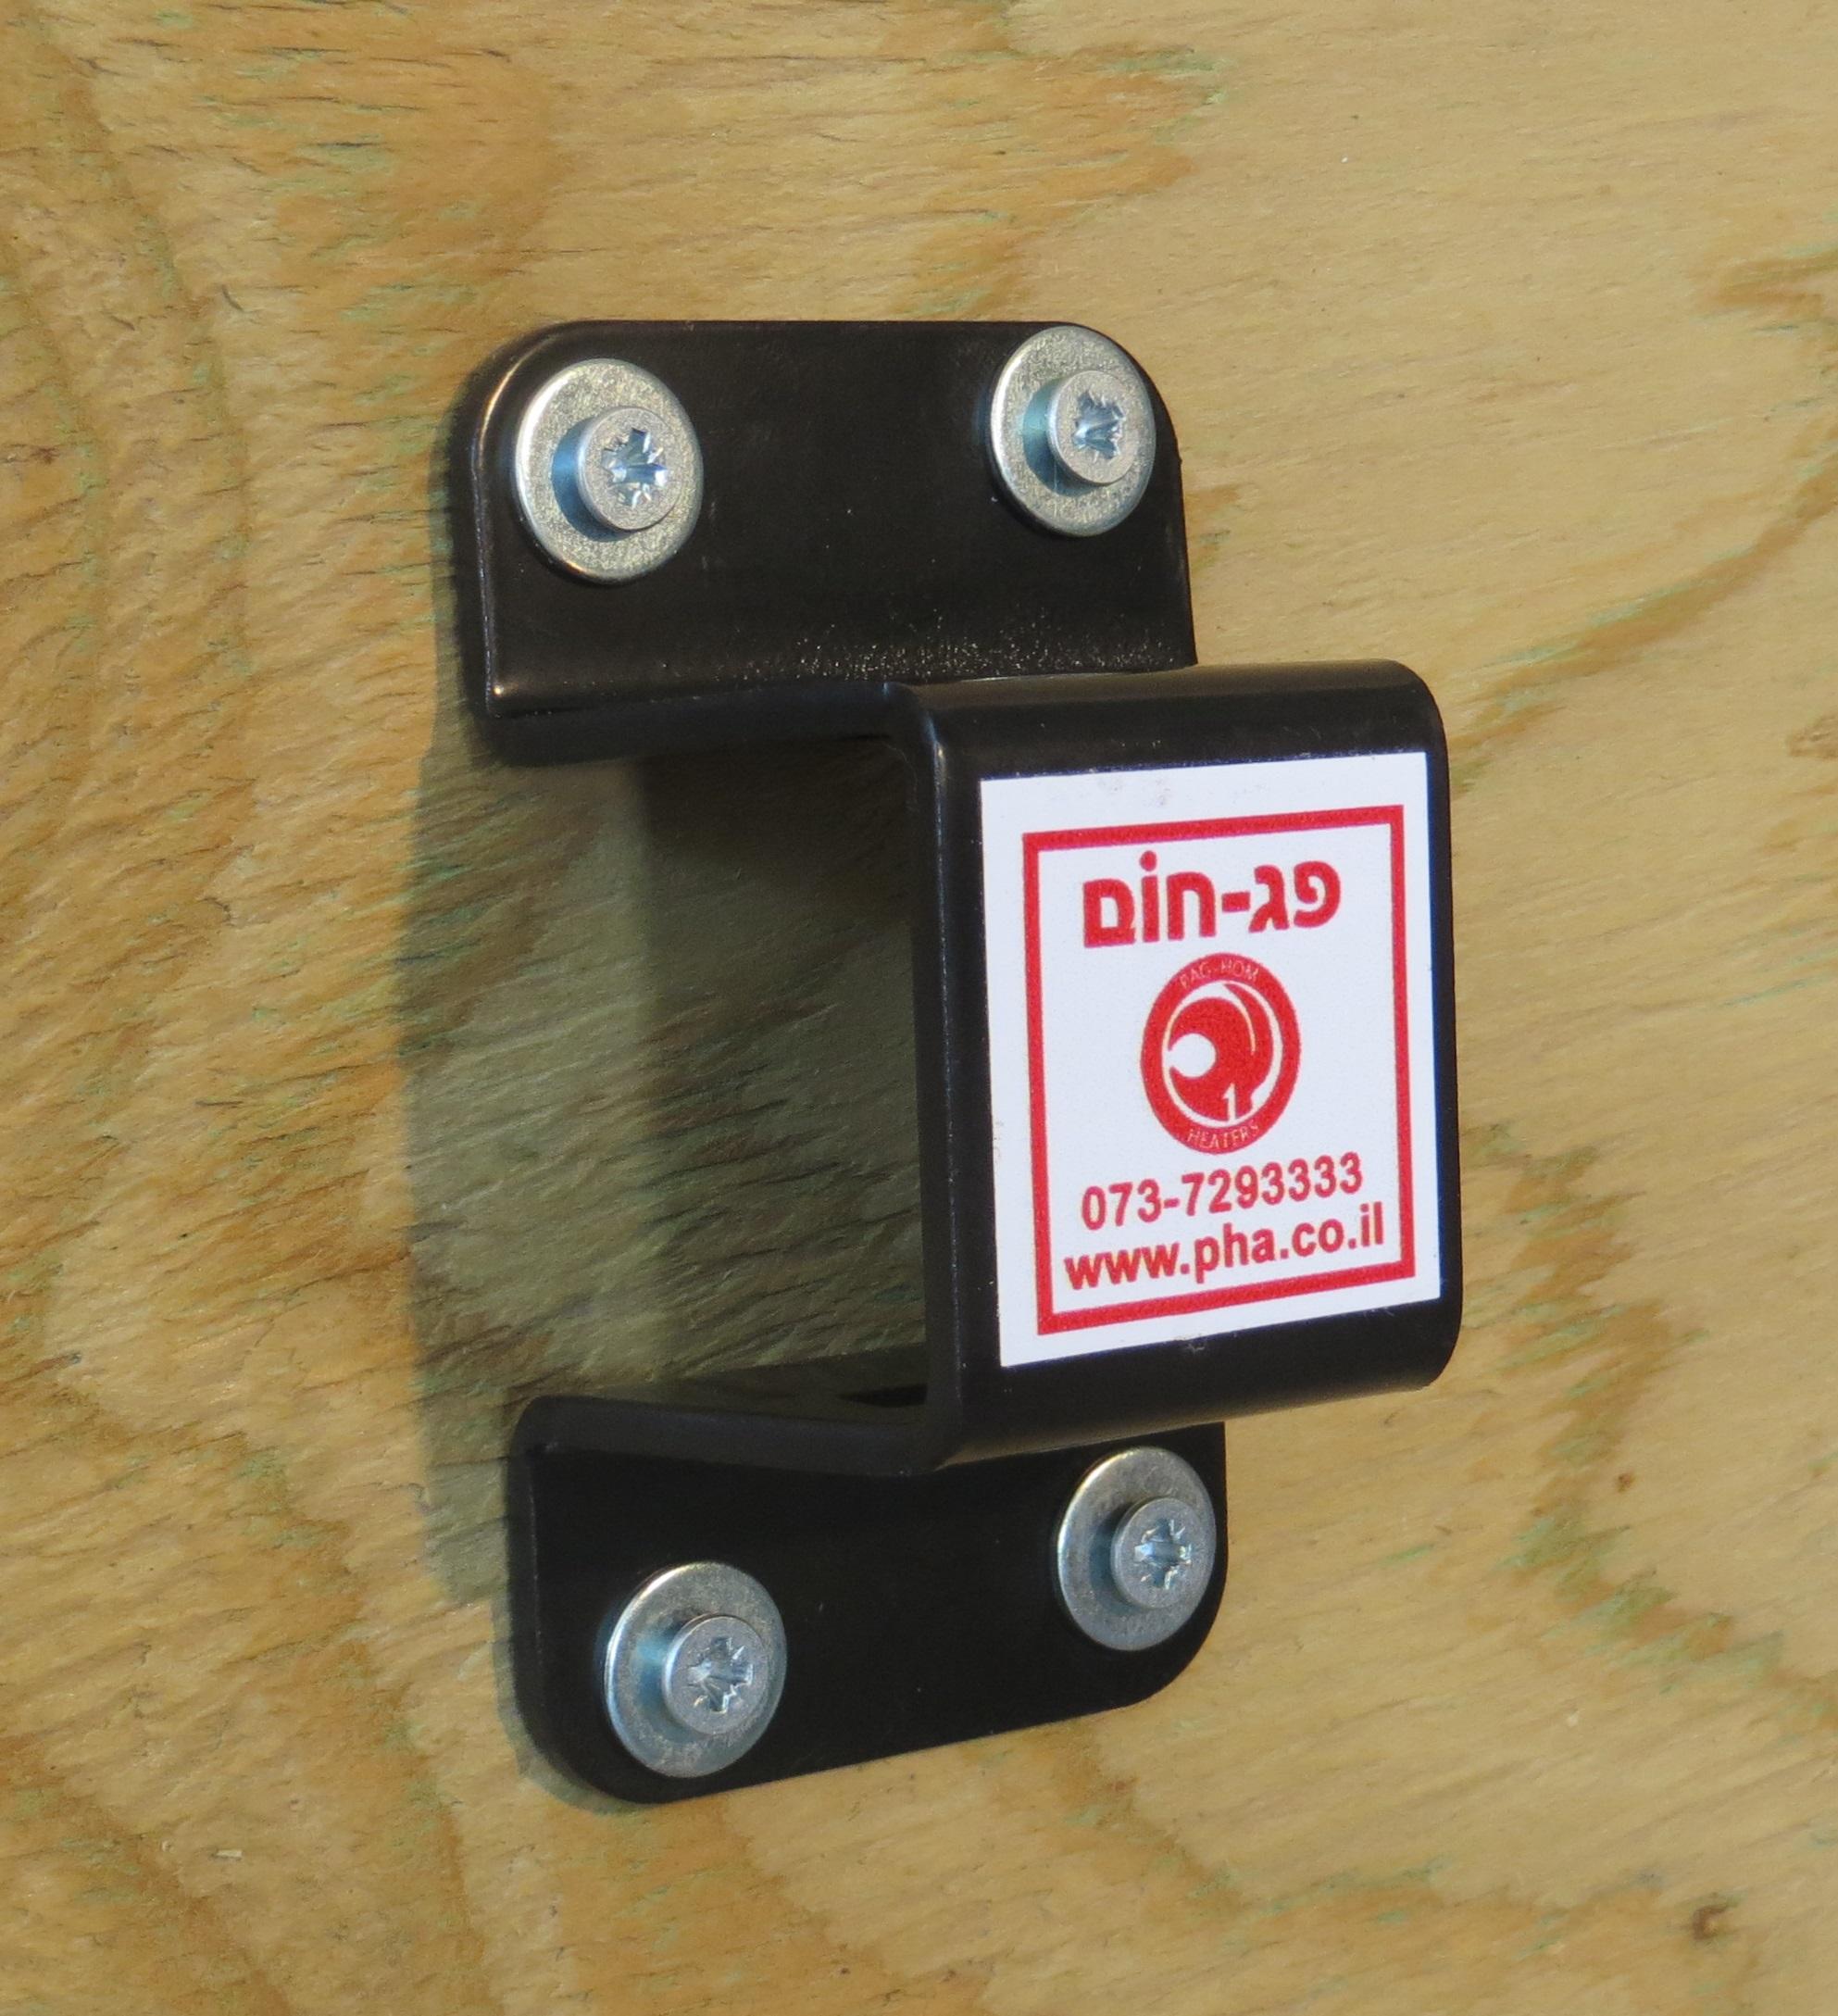 פלח קבוע לקיר המאפשר חיבור ופירוק מהיר וקל של תנור מהקיר